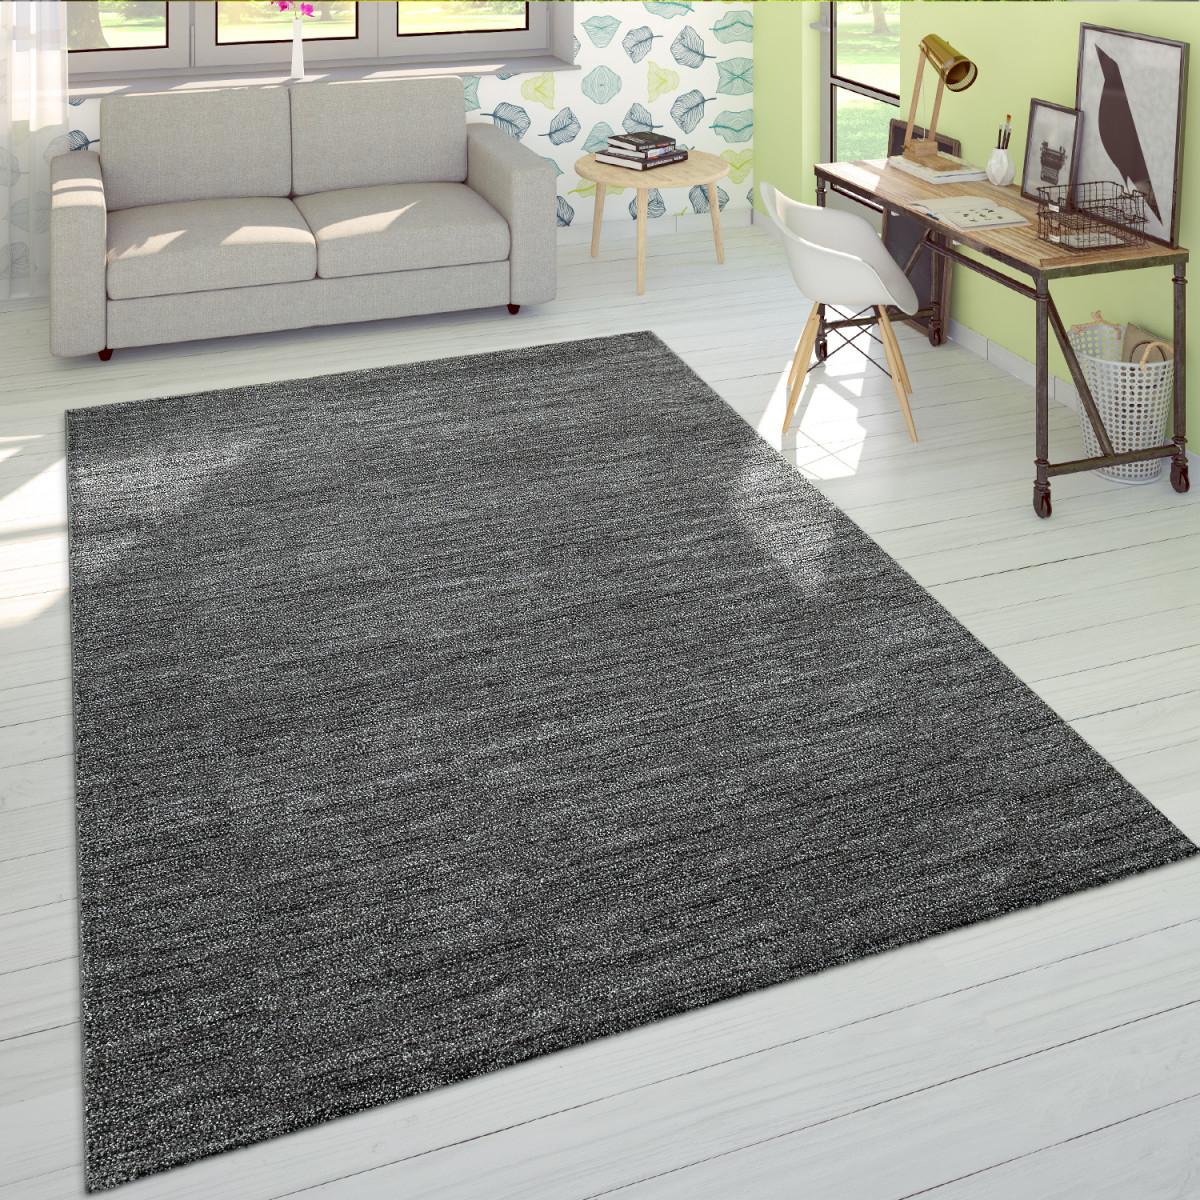 Wohnzimmerteppich Einfarbiger Kurzflor Mit Veloursgewebe In Meliertem  Grau von Wohnzimmer Teppich Grau Kurzflor Bild